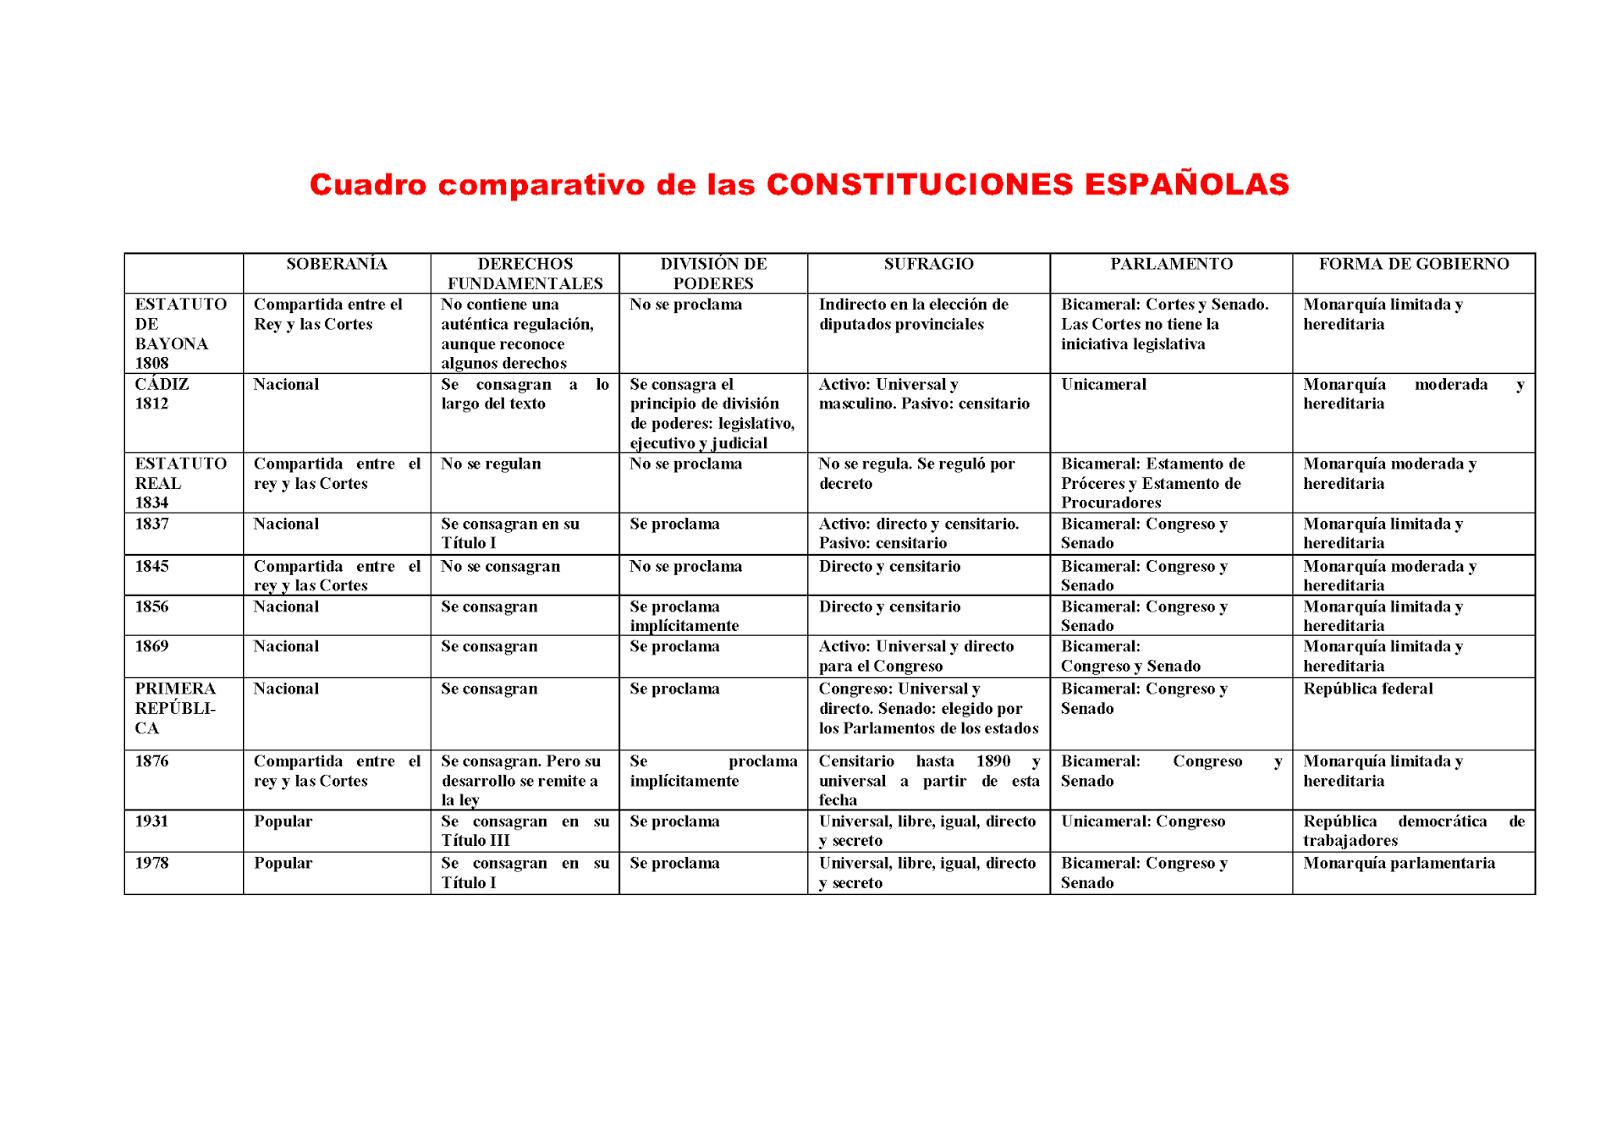 historia de las constituciones: